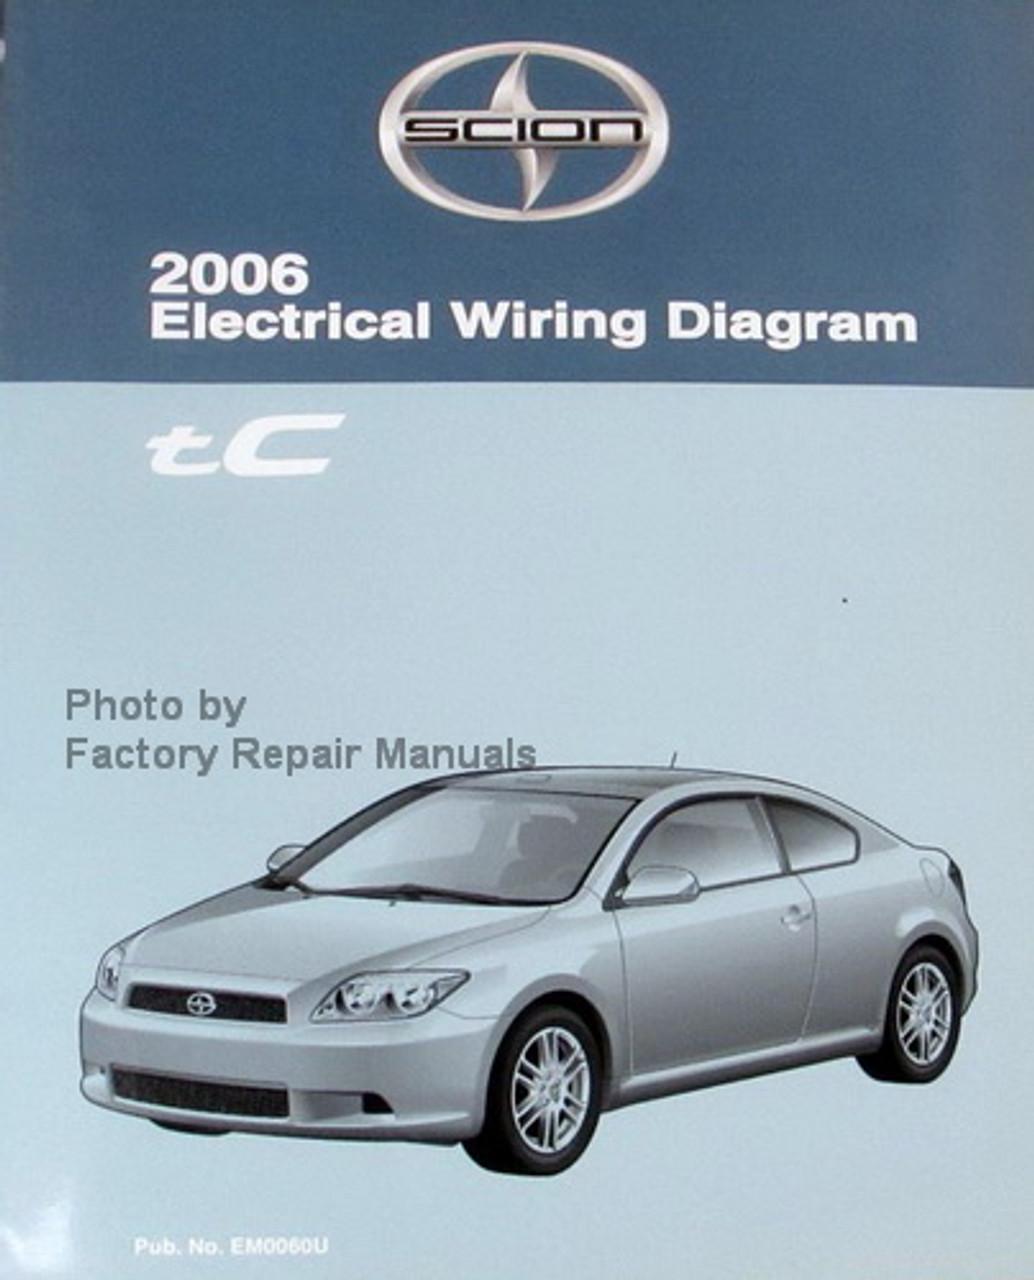 2006 Scion tC Electrical Wiring Diagrams - Original Toyota Manual - Factory  Repair ManualsFactory Repair Manuals